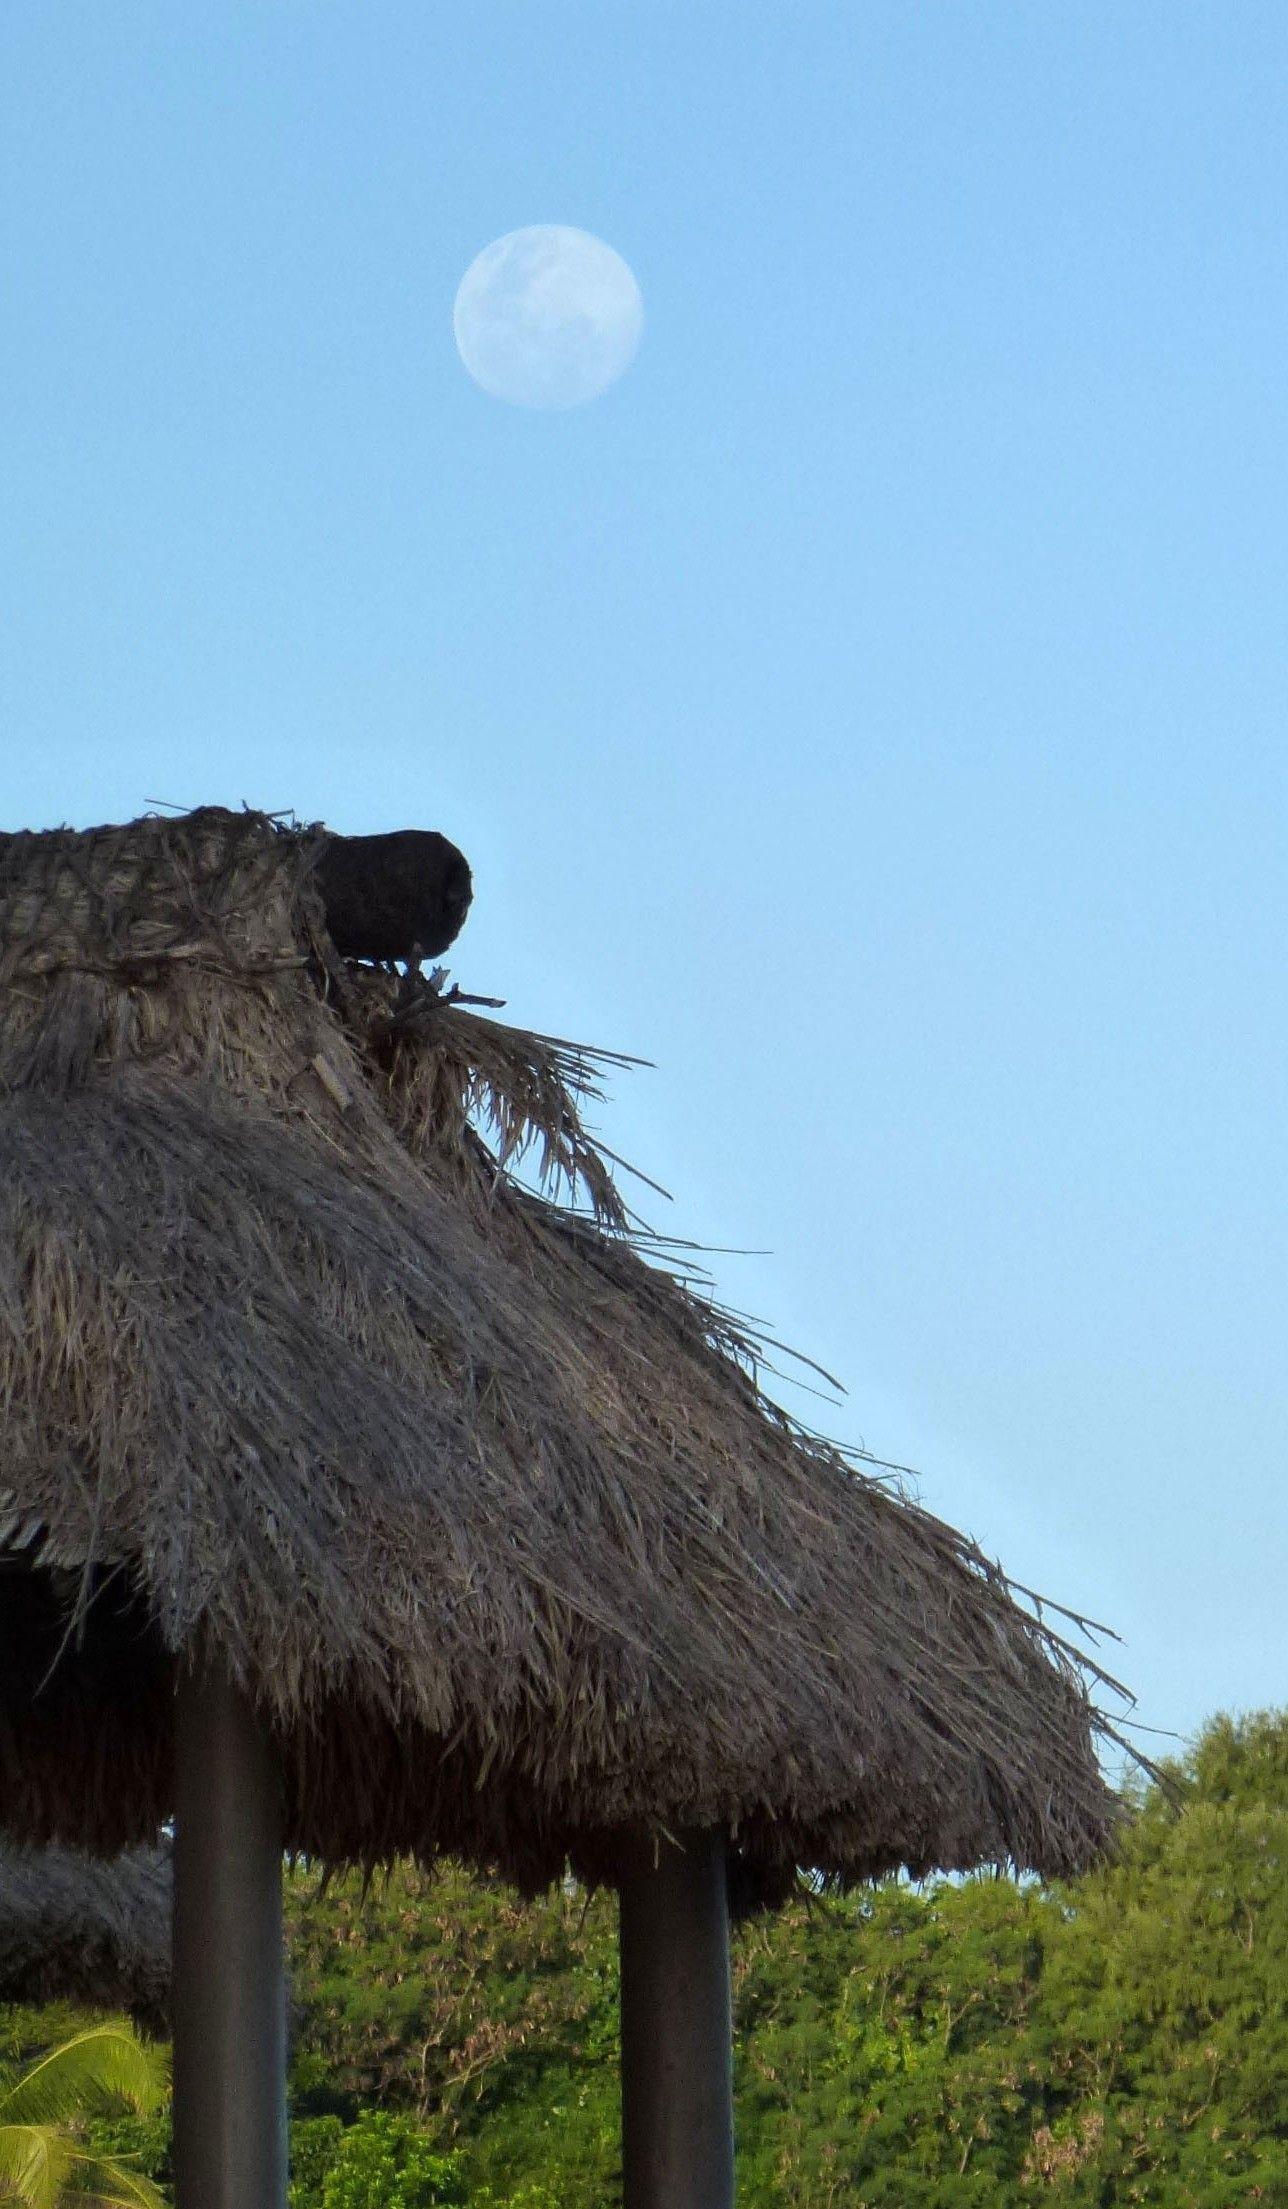 2014 07 11 Fiji Natadola (8.0)